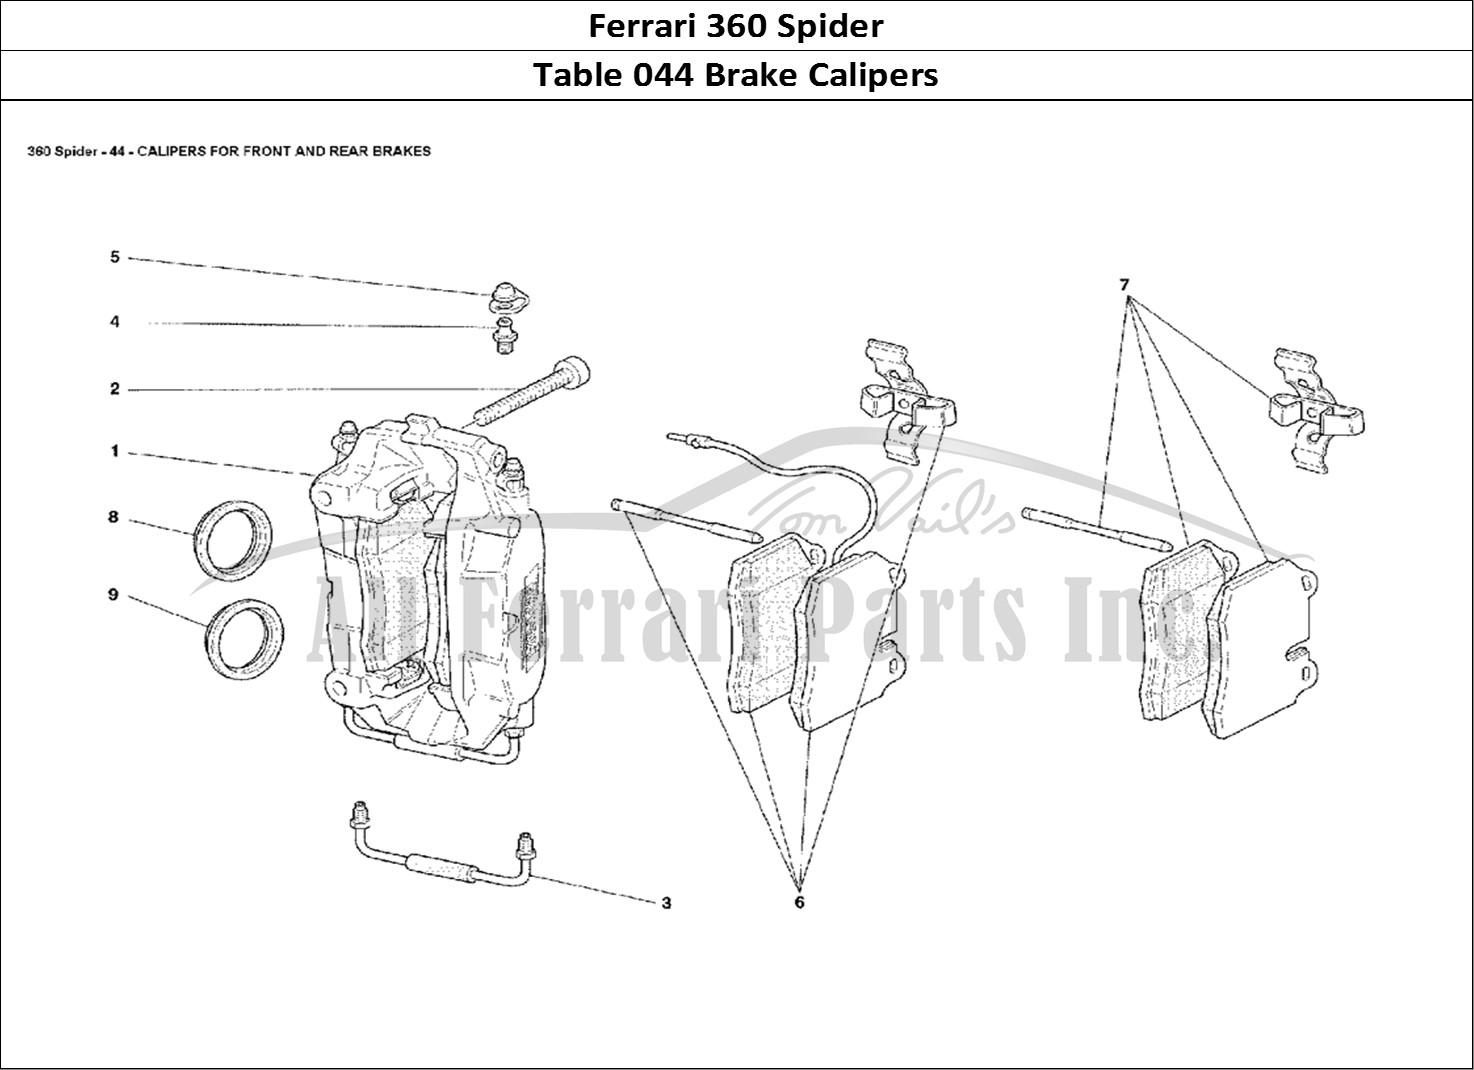 Buy Original Ferrari 360 Spider 044 Brake Calipers Ferrari Parts Spares Accessories Online